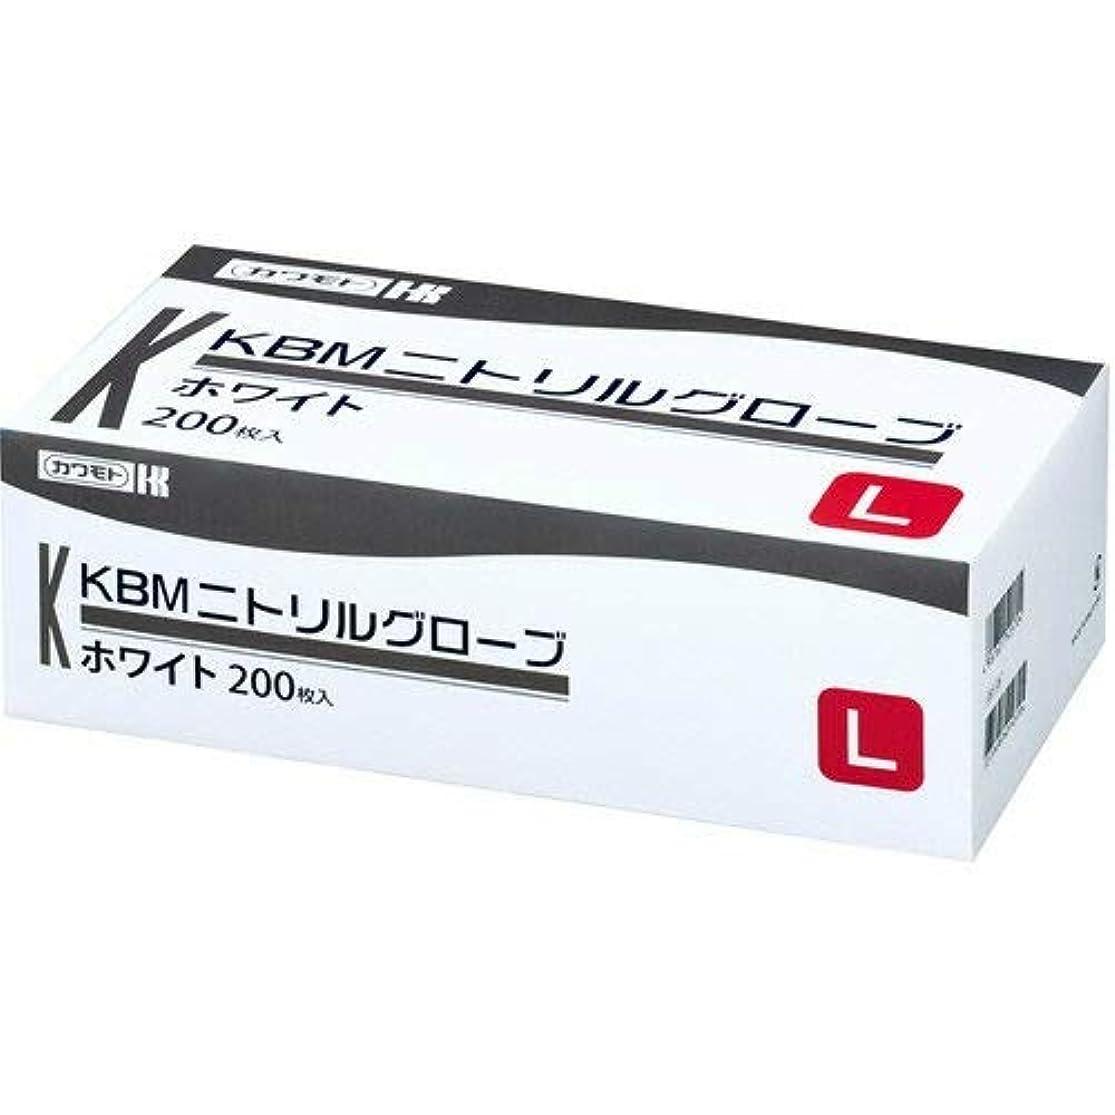 槍作曲する容量川本産業 カワモト ニトリルグローブ ホワイト L 200枚入